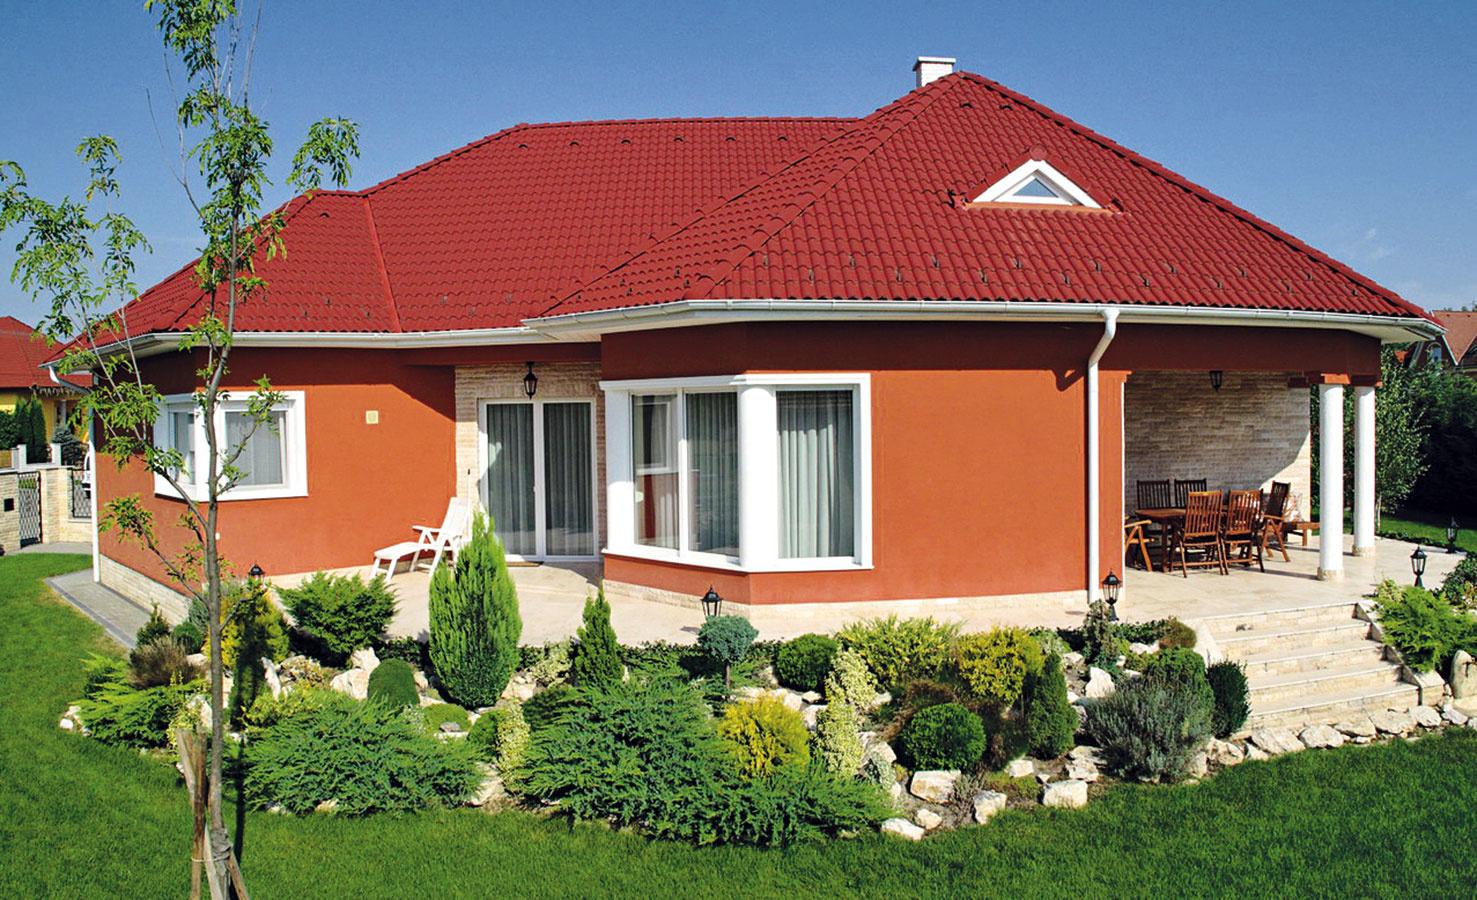 Strešnú krytinu Danubia charakterizuje klasický tvar s mäkkými líniami, ktoré majú evokovať rieku a zvlnenú krajinu.